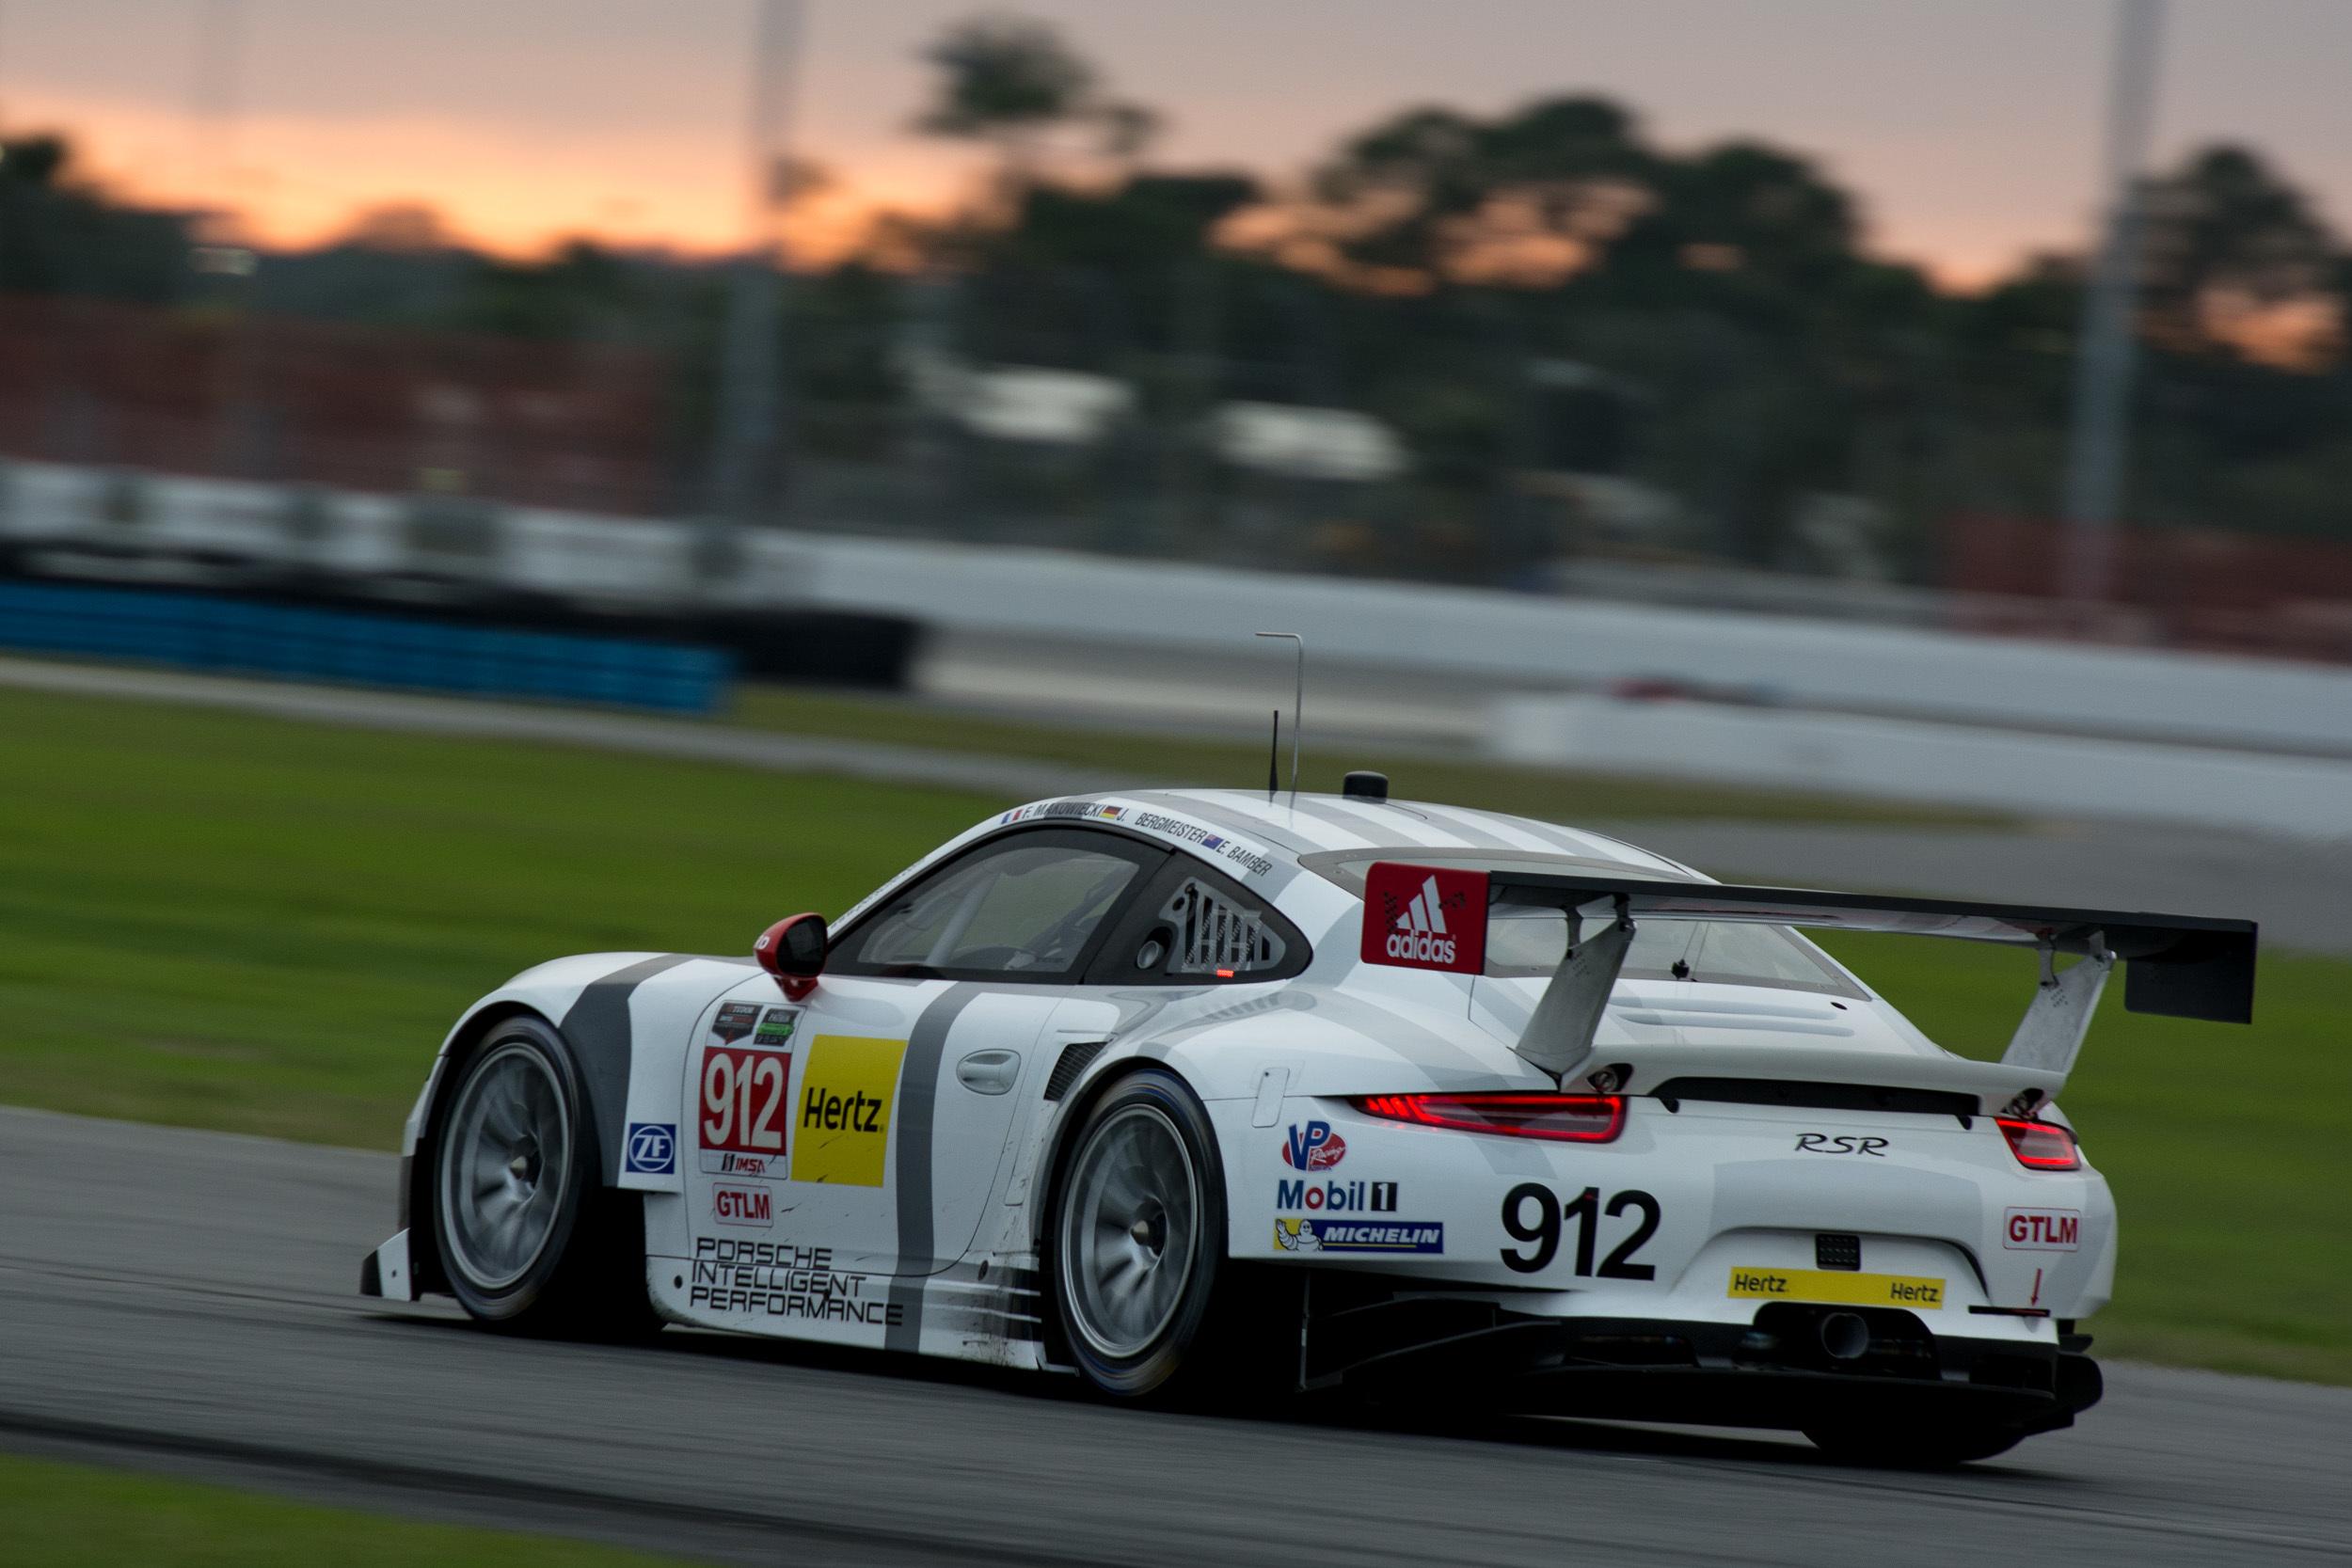 102947 Hintergrundbild herunterladen Sport, Rennen, Der Verkehr, Bewegung, Sportwagen, Porsche 911, Geschwindigkeit - Bildschirmschoner und Bilder kostenlos